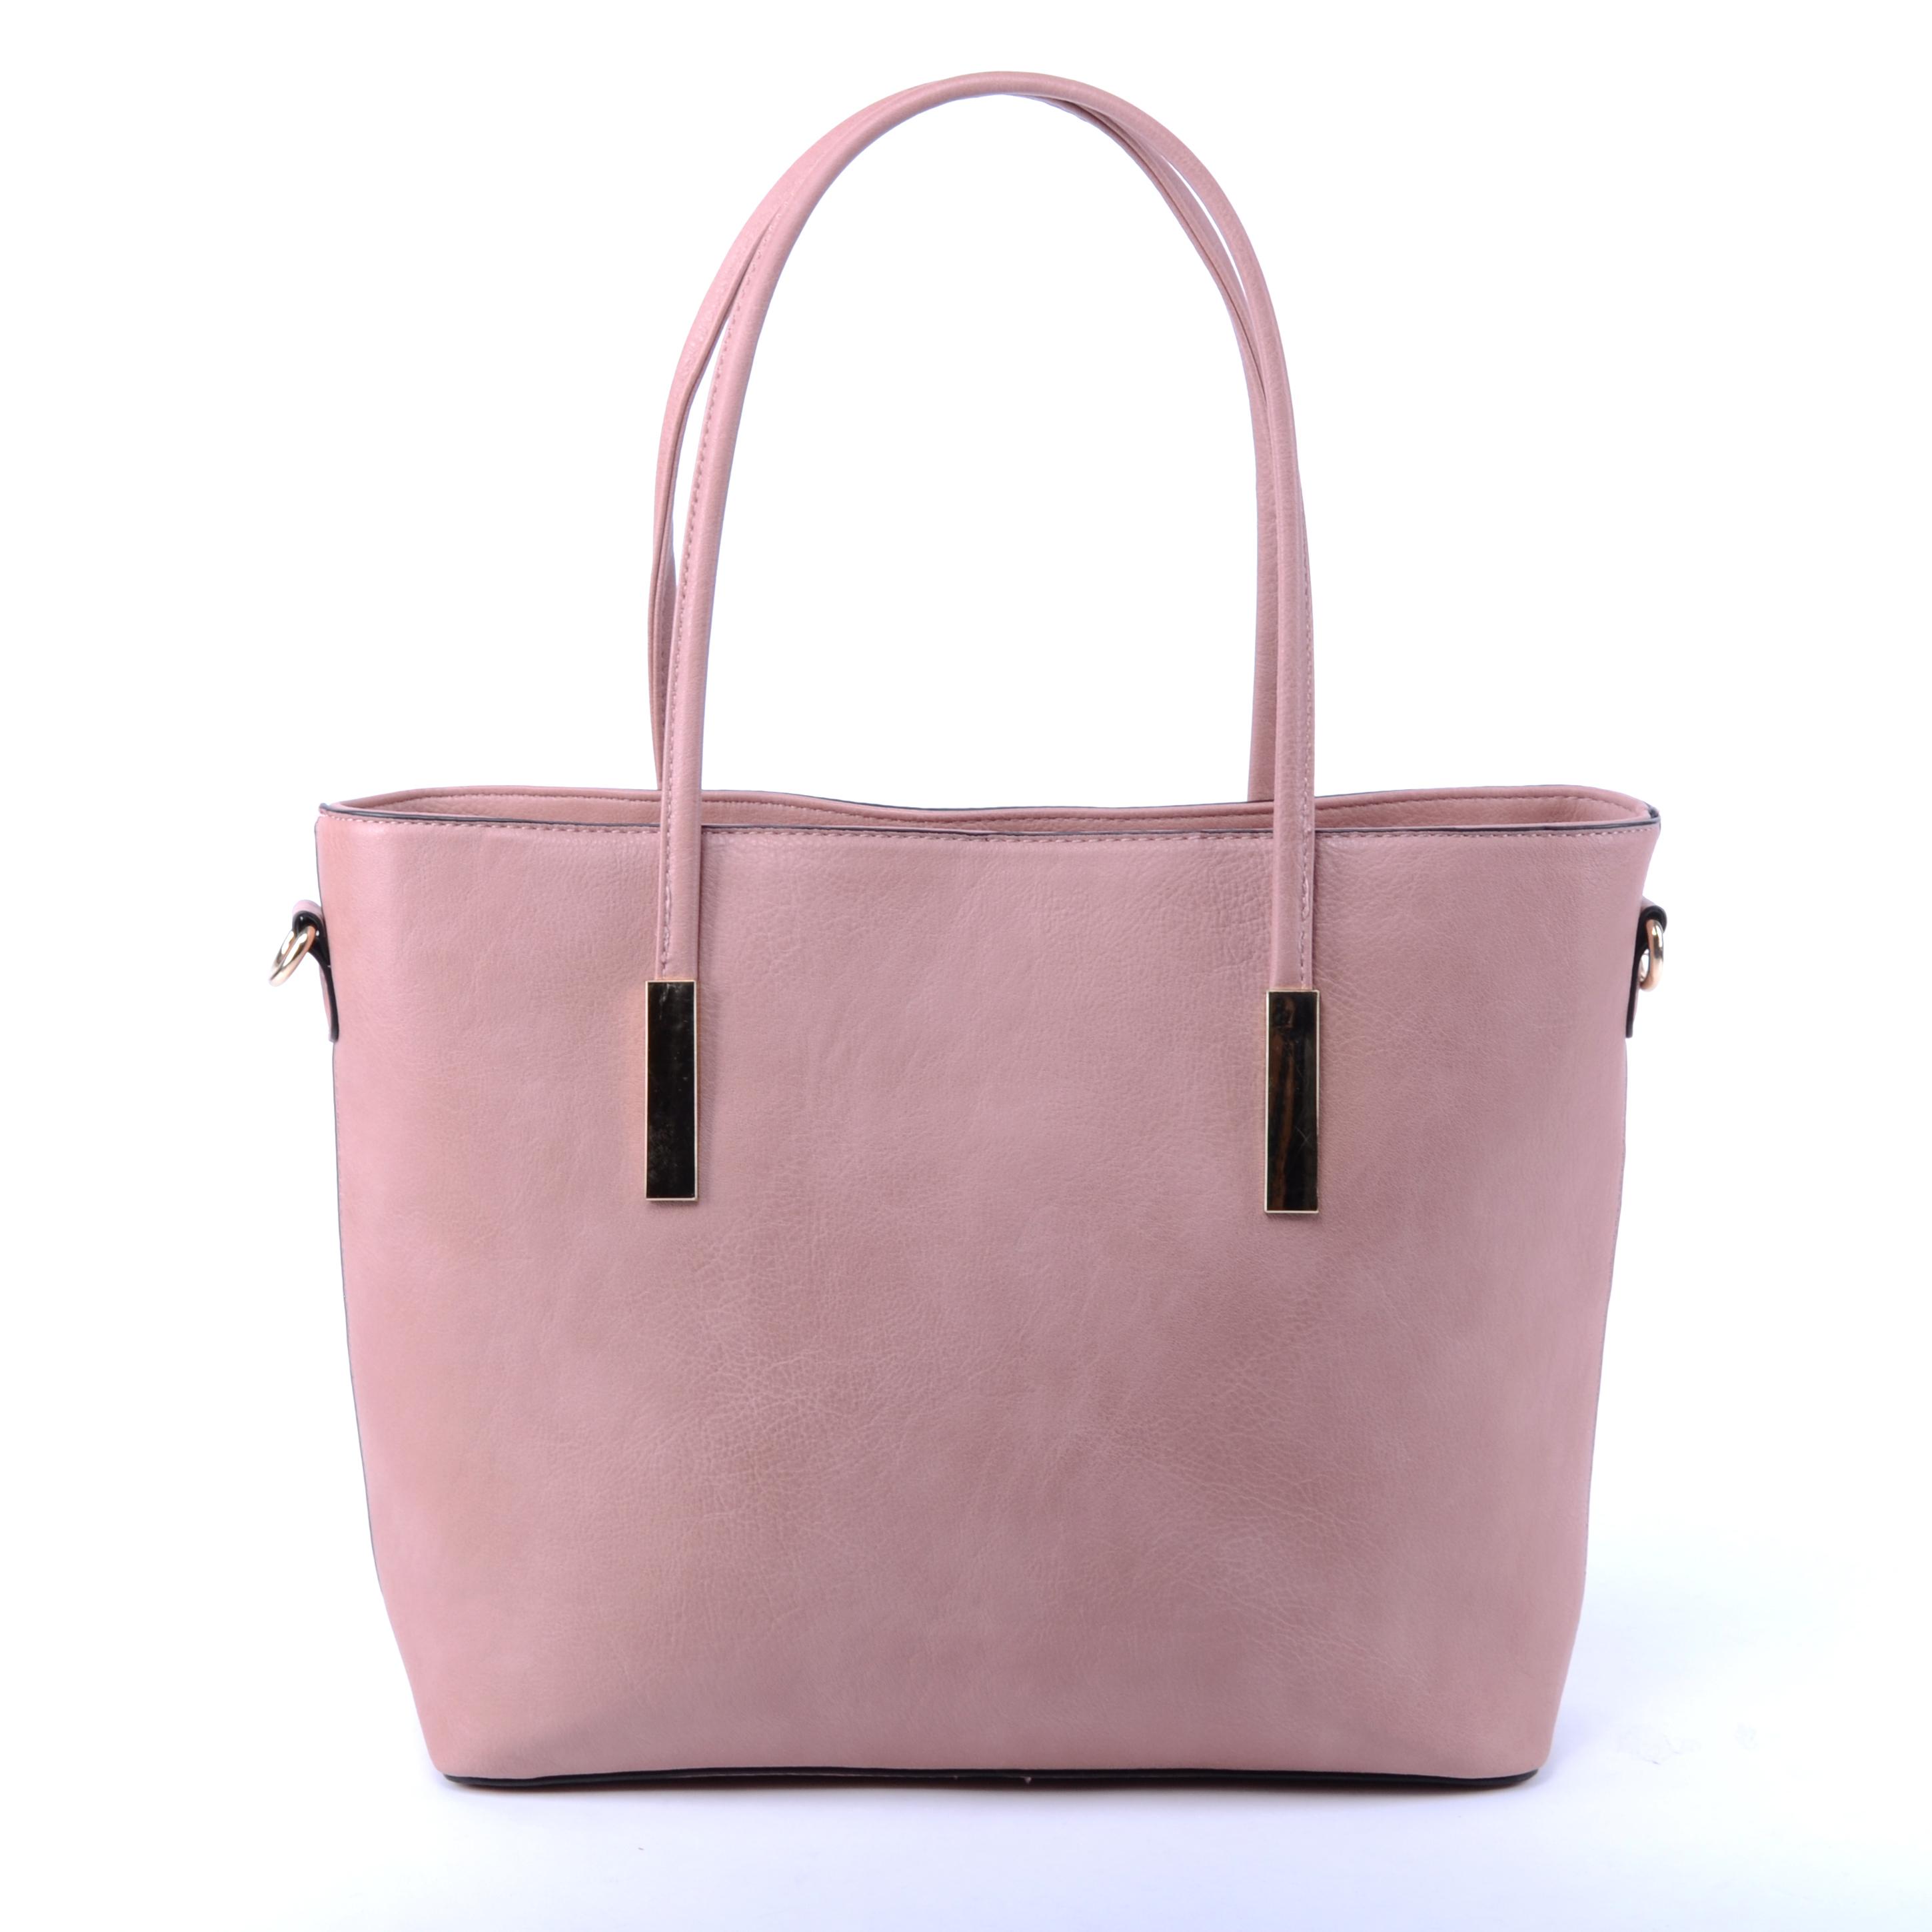 Besty Női Műbőr Válltáska Rózsaszín Nagy - Válltáskák - Táska webáruház - Minőségi  táskák mindenkinek 83e6d32e6d